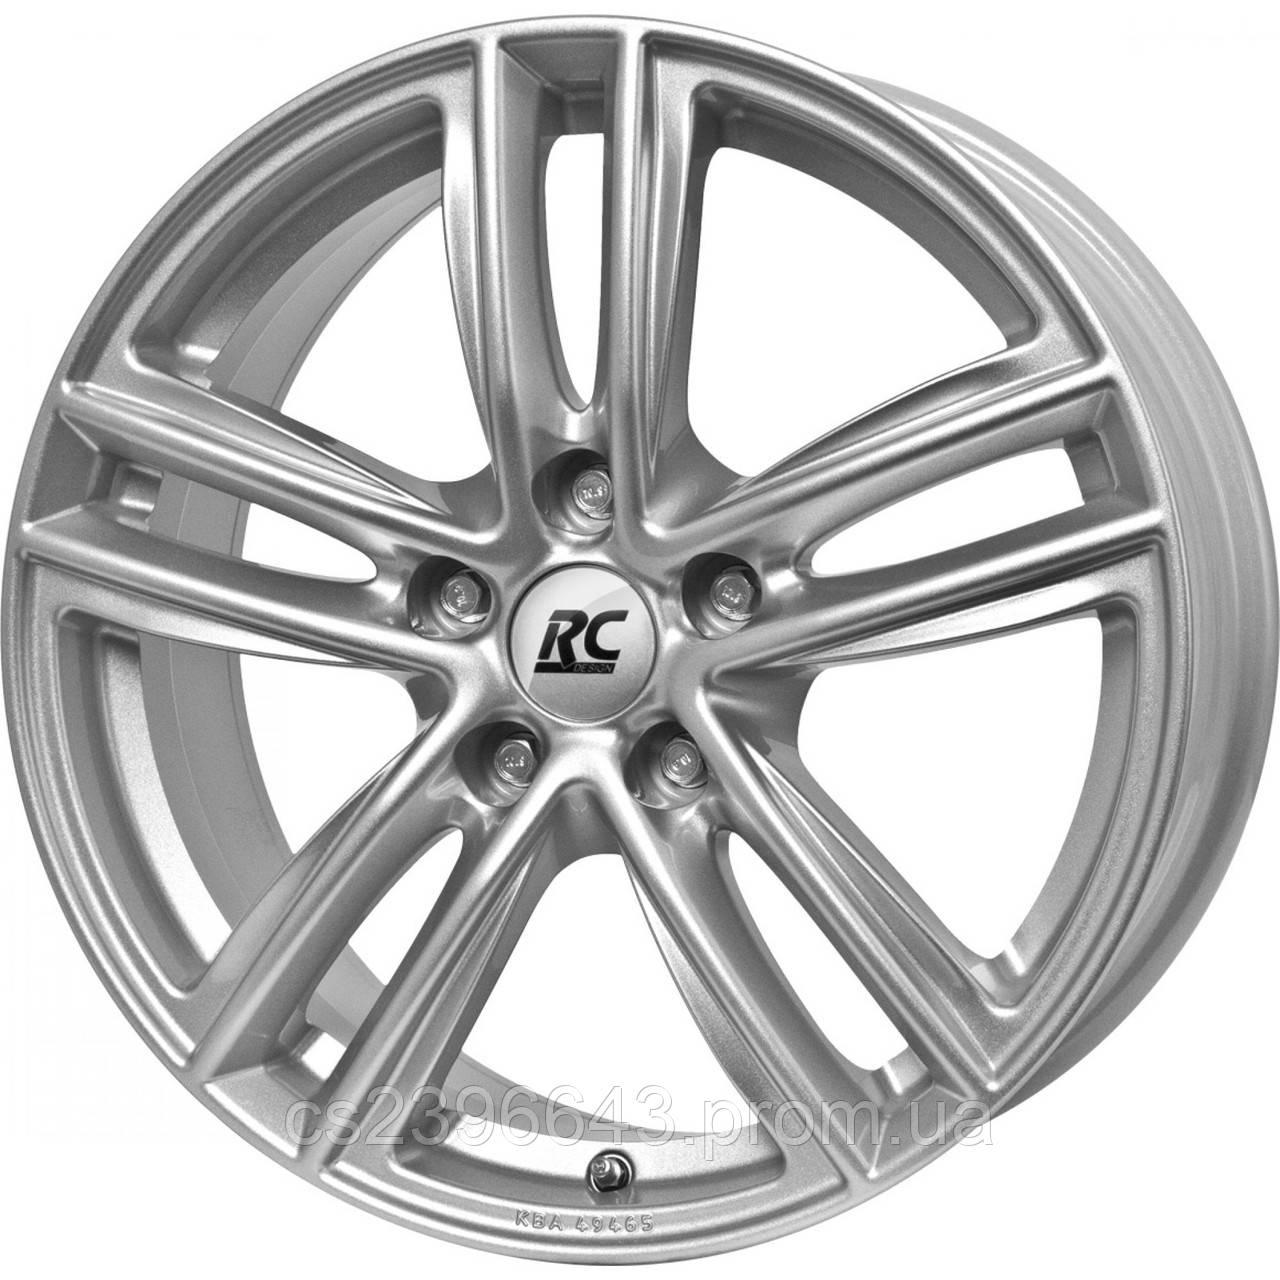 Колесный диск RC Design RC27 17x7,5 ET28